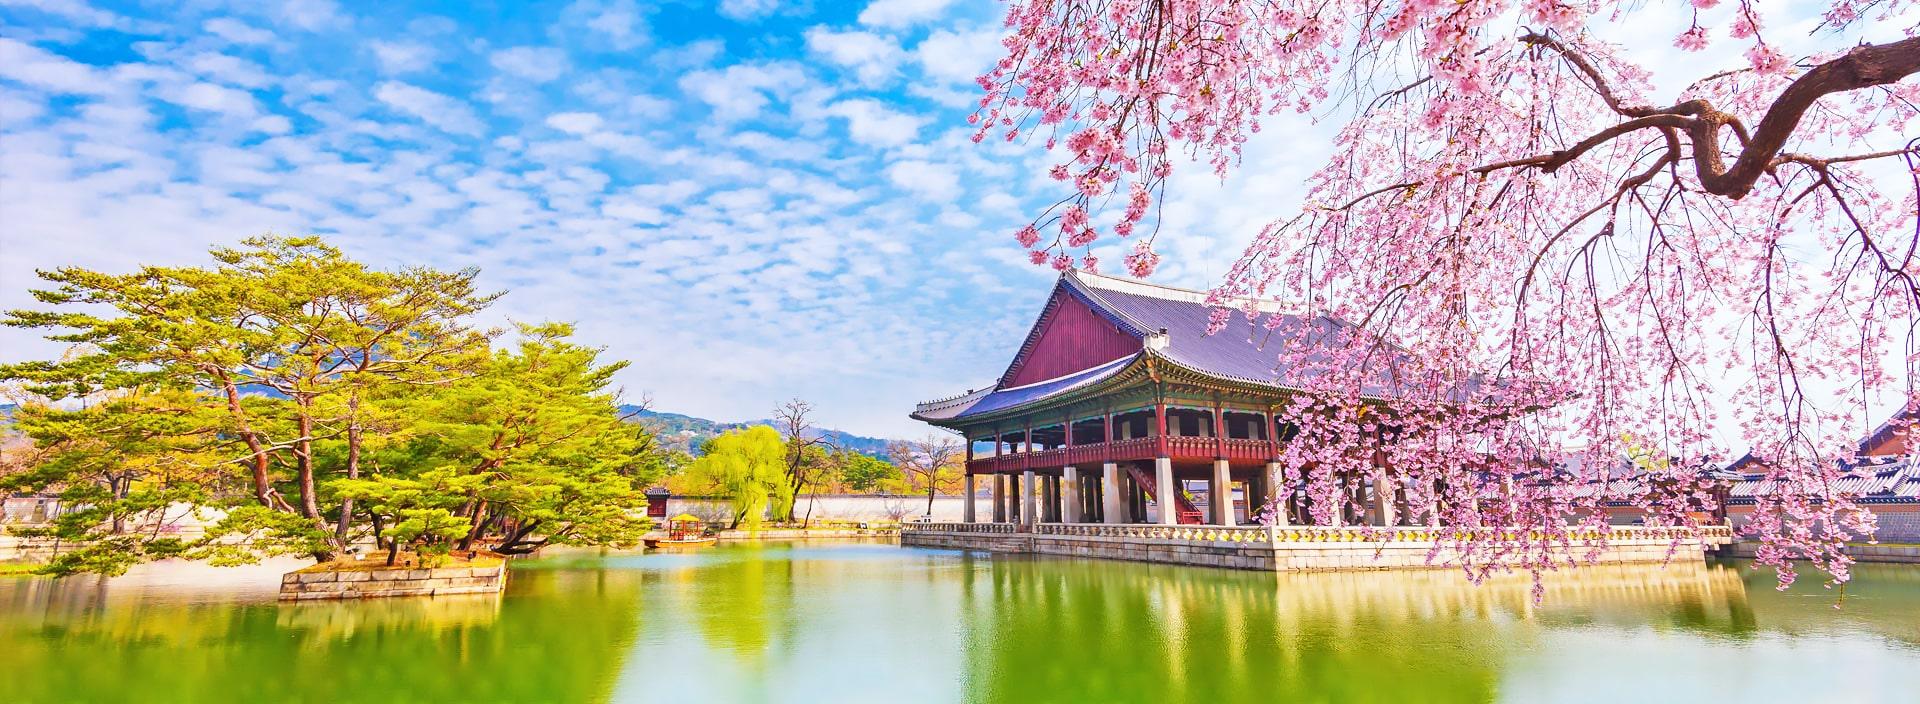 Cursos y escuelas de coreano en Corea del Sur